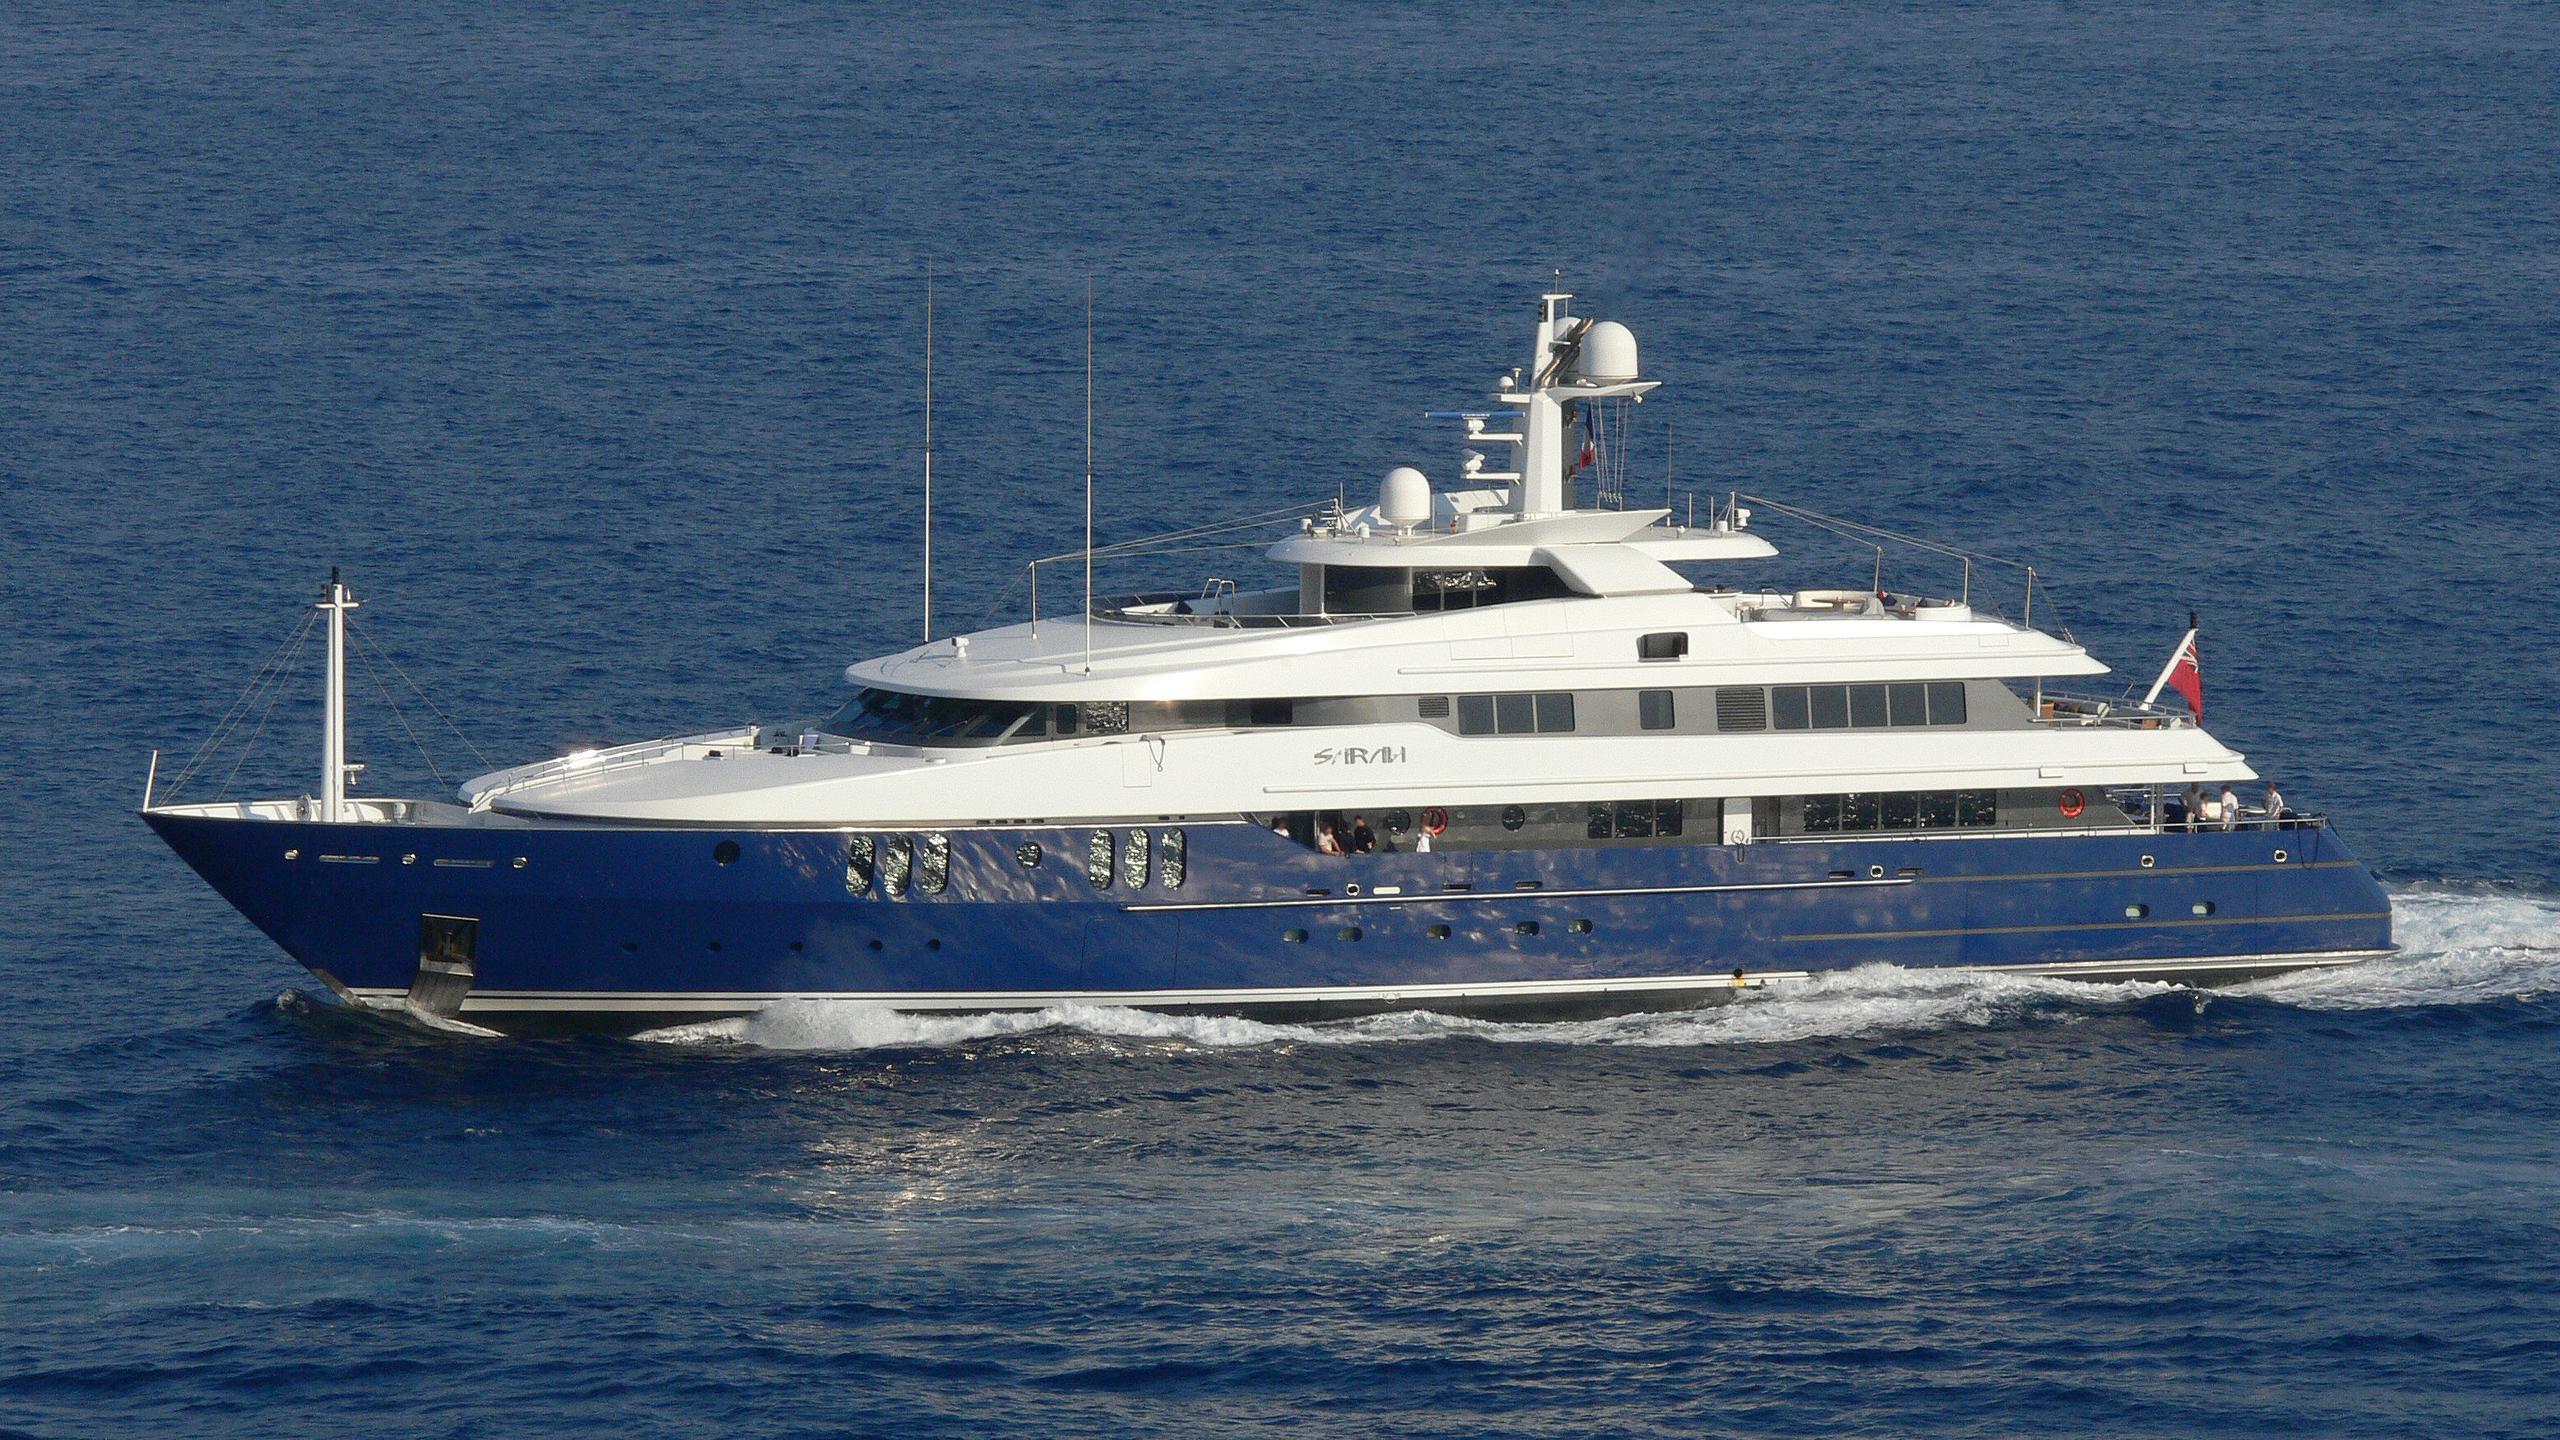 sarah-motor-yacht-amels-2002-62m-profile-cruising